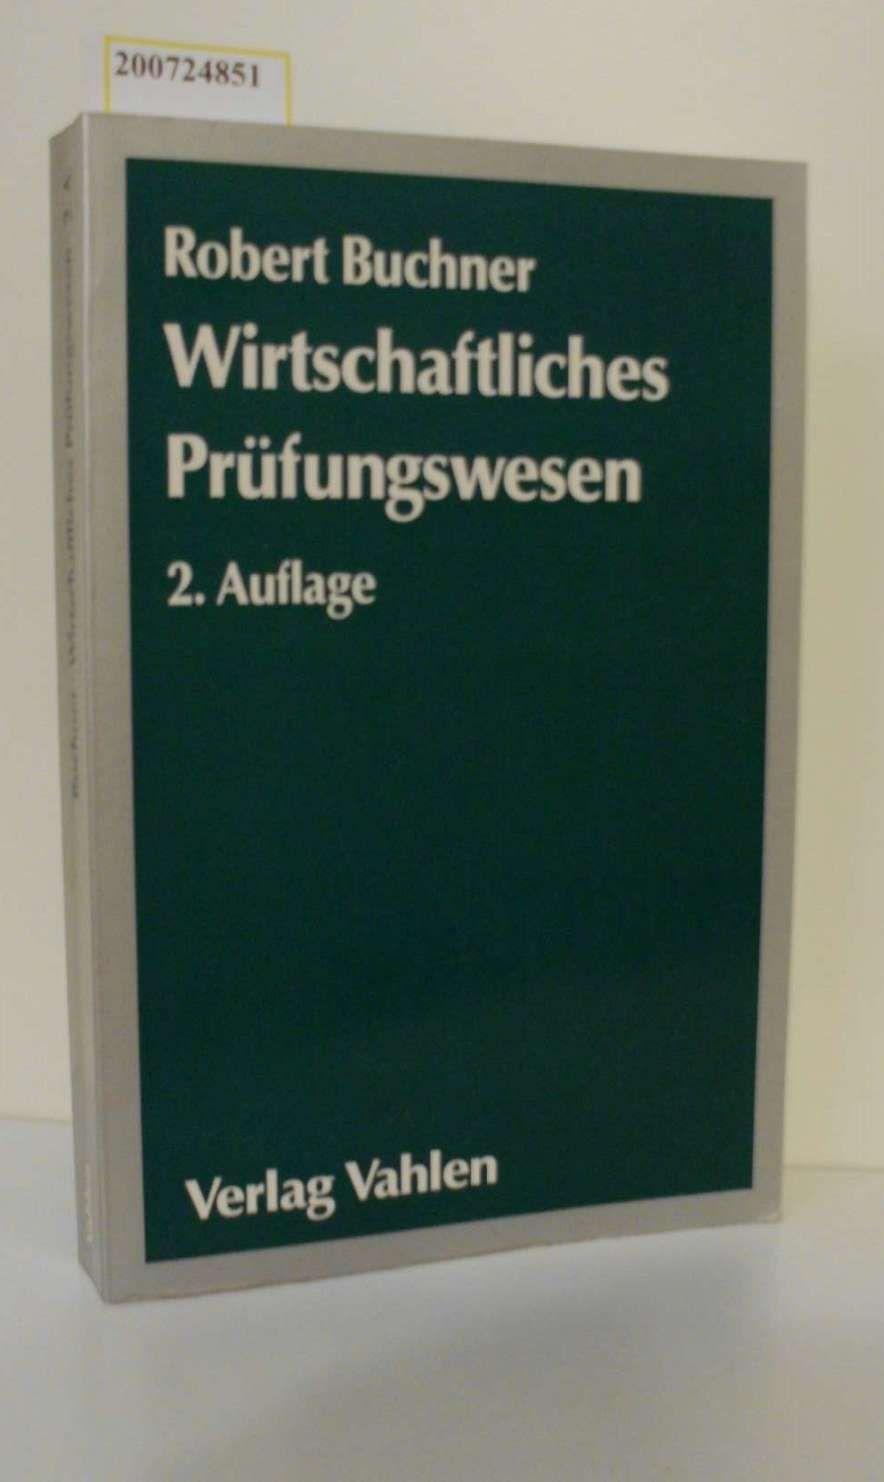 Wirtschaftliches Prüfungswesen / von Robert Buchner - Buchner, Robert